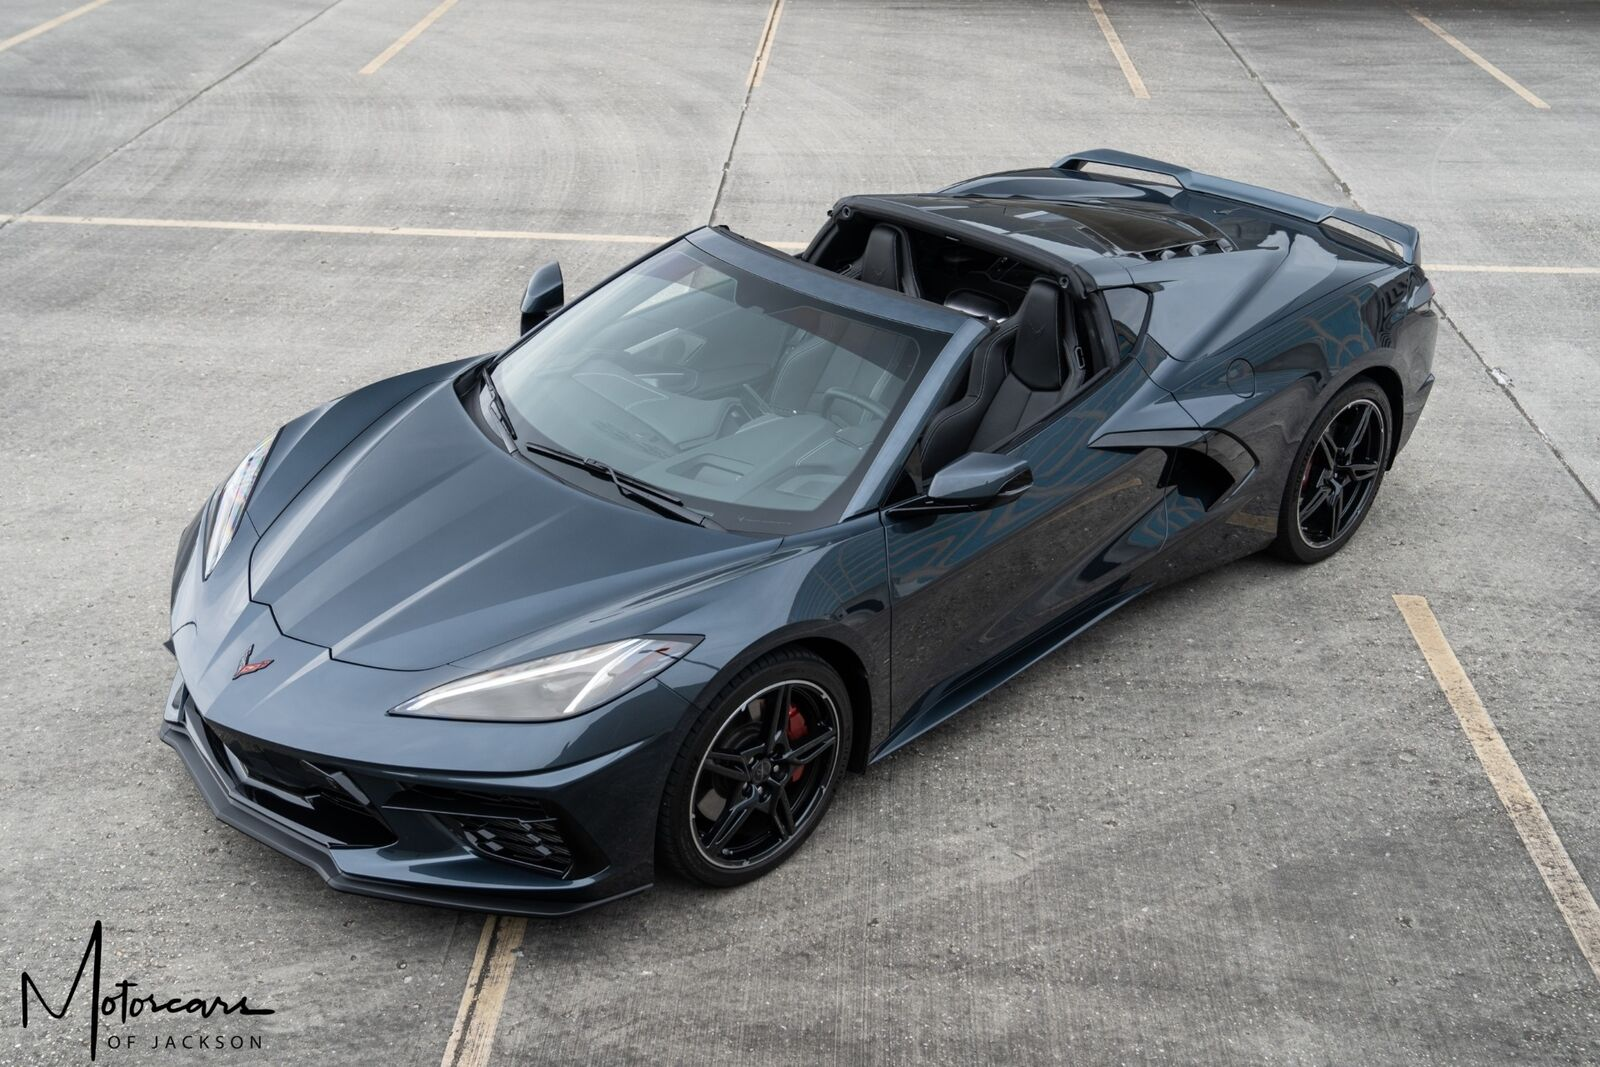 2020 Gray Chevrolet Corvette  2LT | C7 Corvette Photo 6